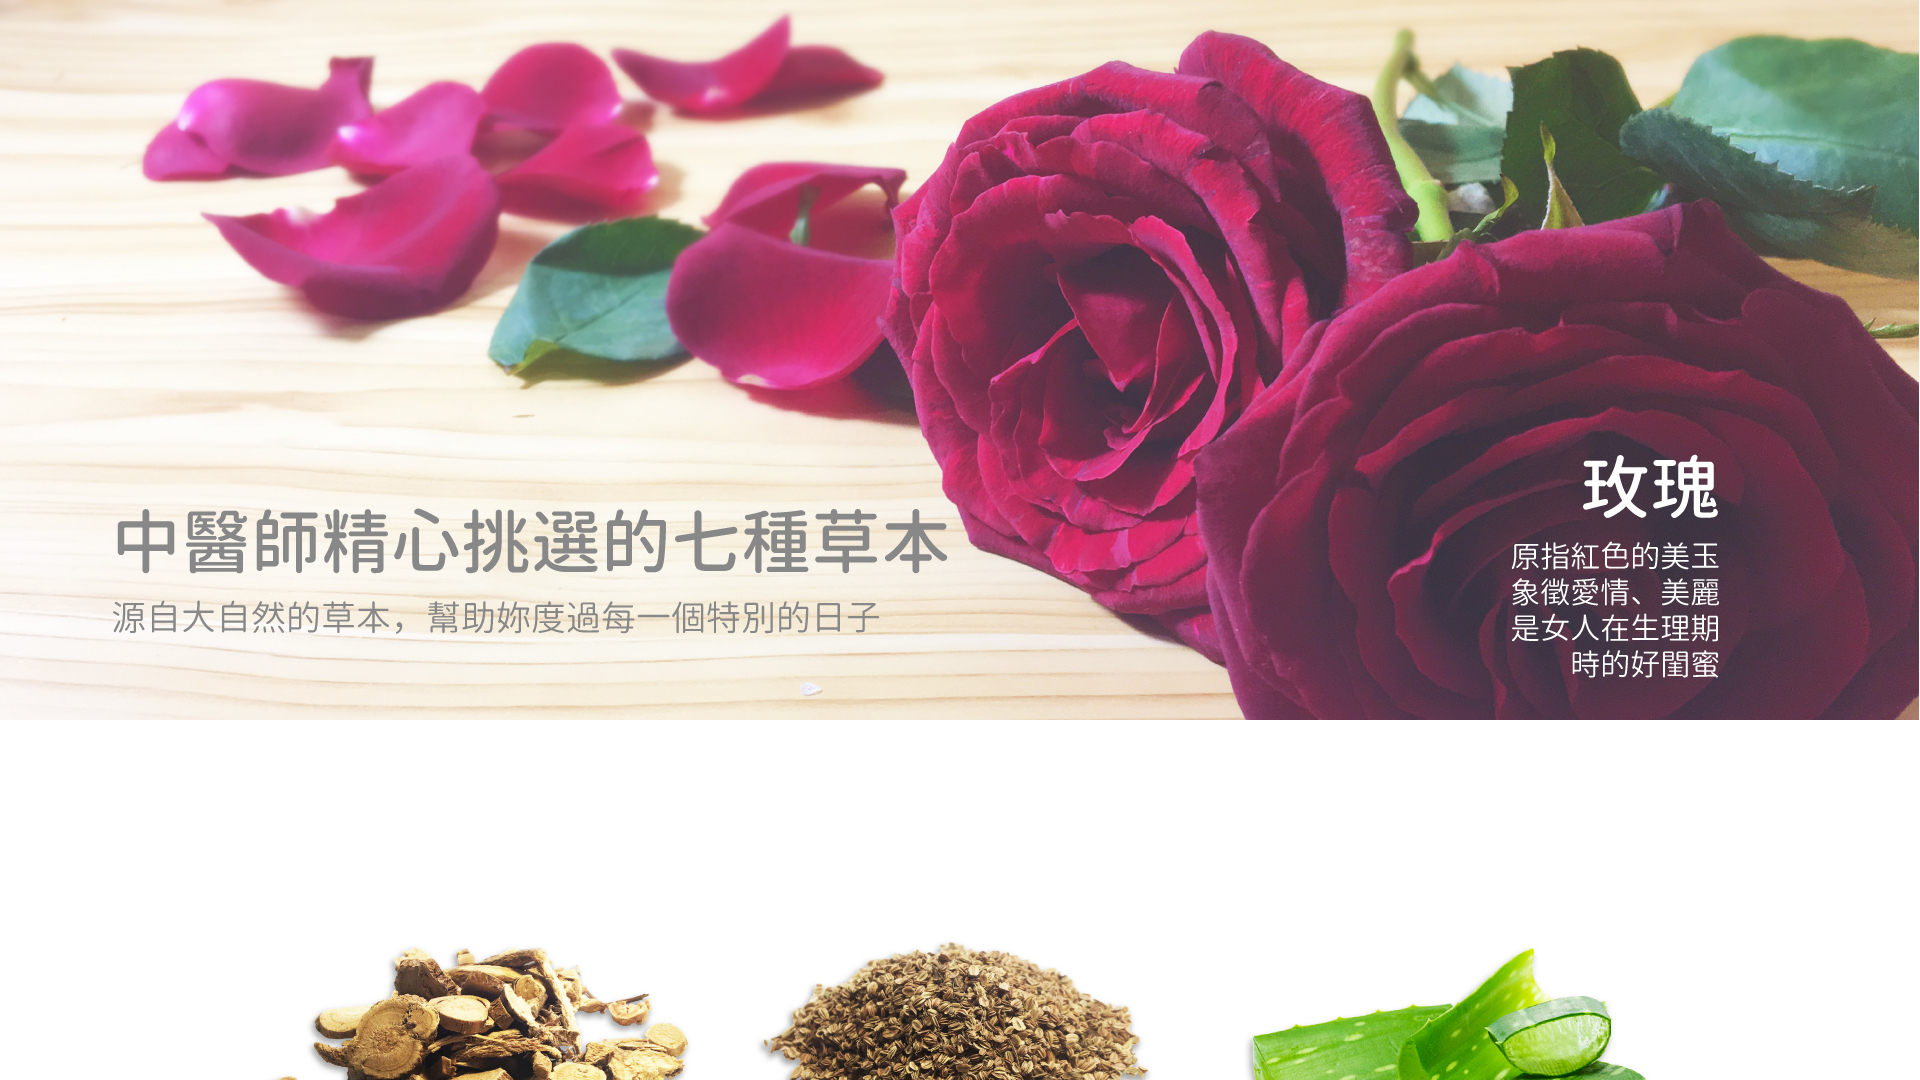 中醫師精心挑選的七種草本 源自大自然的草本 幫助你度過每一個特別的日子。玫瑰 原指紅色的美玉 象徵愛情、美麗 是女人在生理期時的好閨蜜